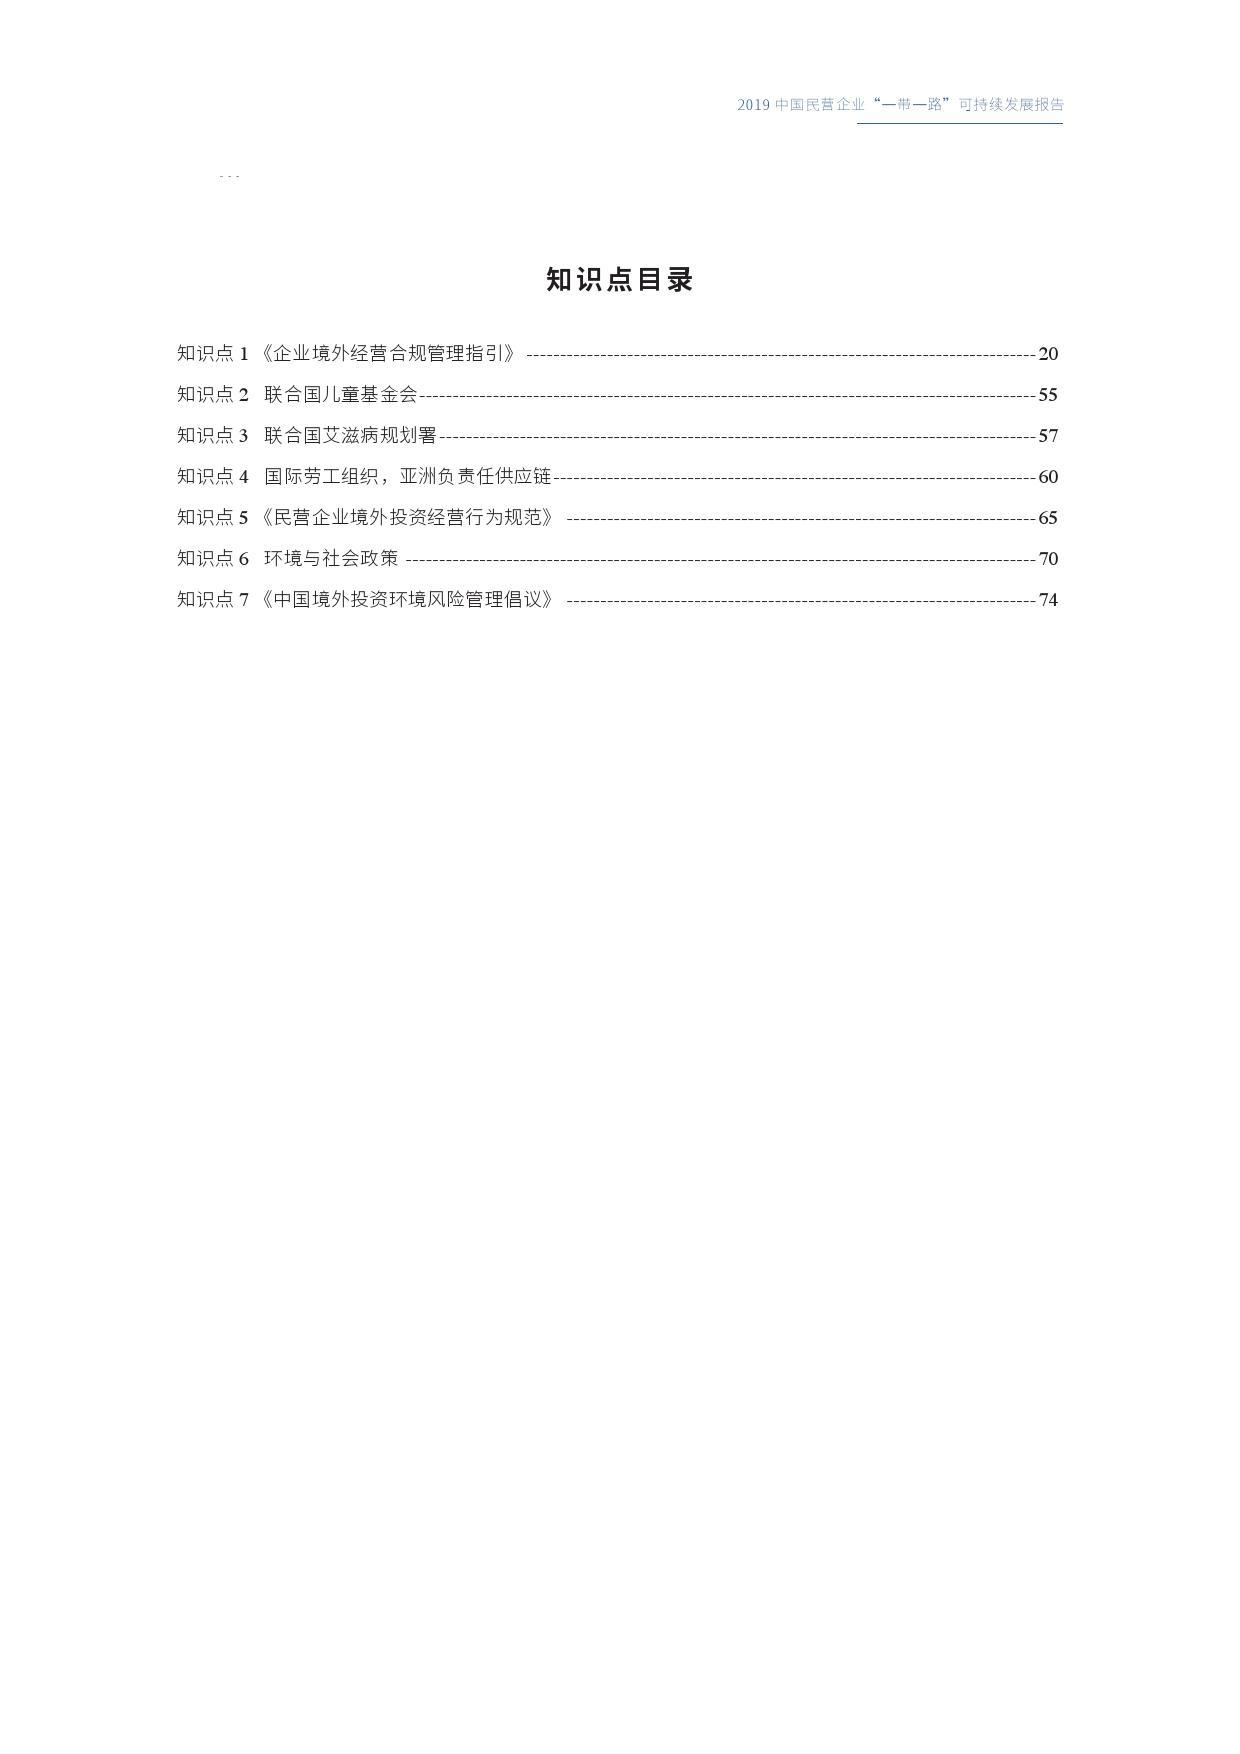 """中华全国工商业联合会:2019中国民营企业""""一带一路""""可持续发展报告"""